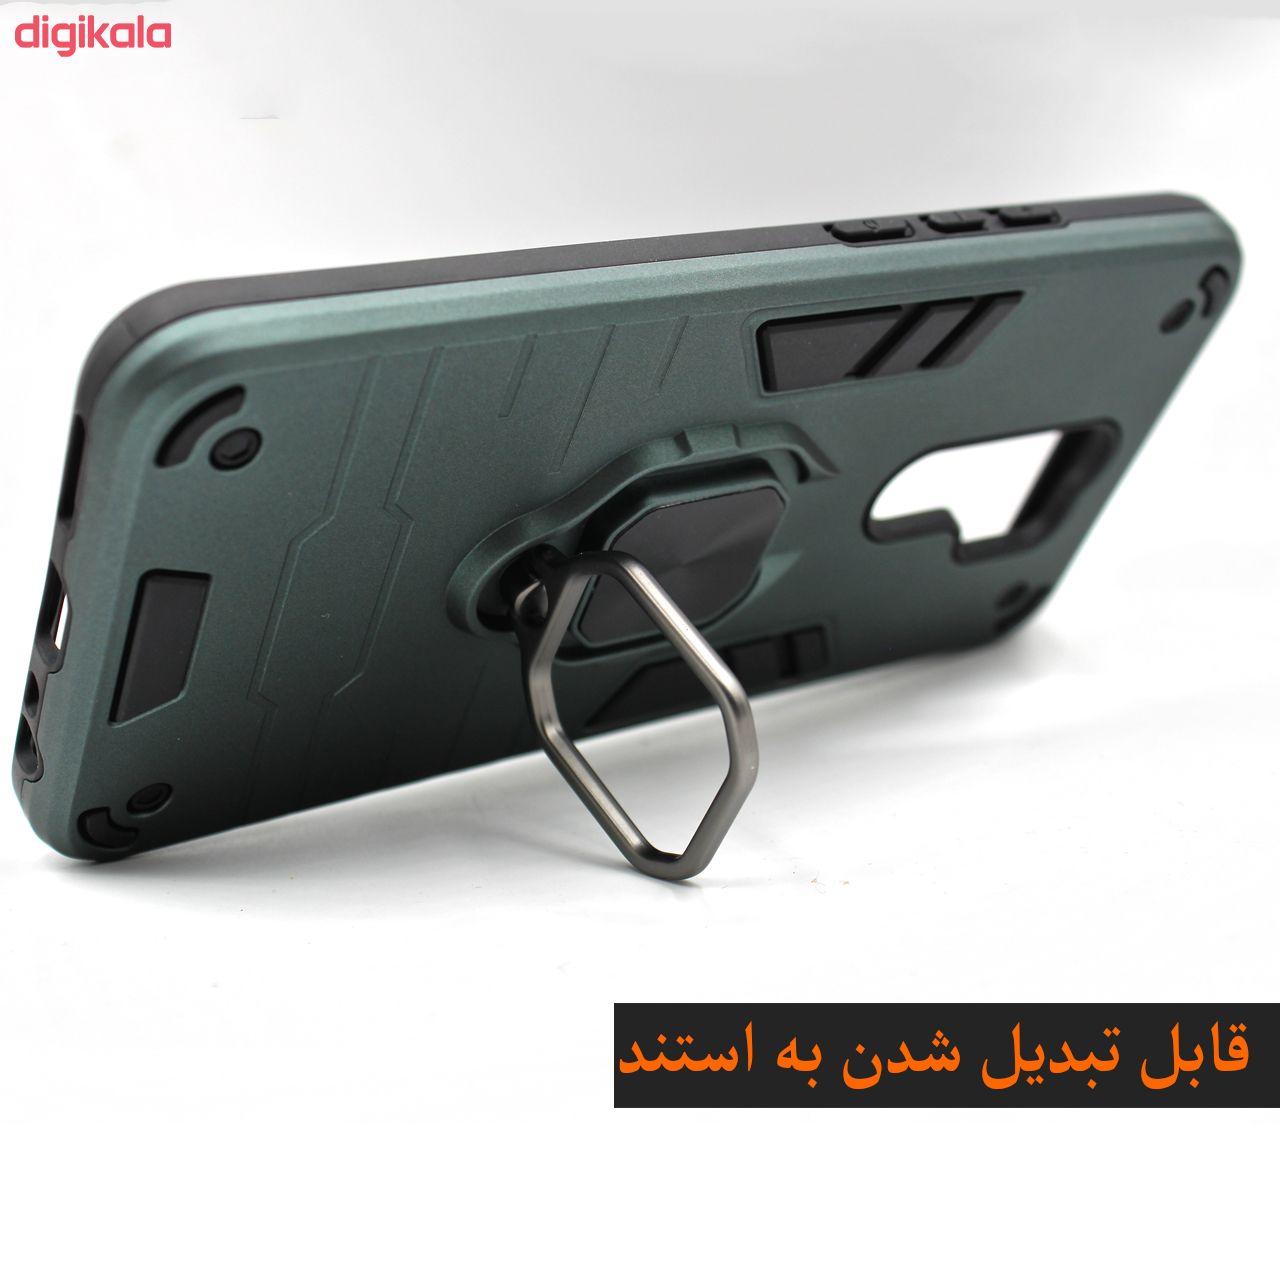 کاور کینگ پاور مدل ASH22 مناسب برای گوشی موبایل شیائومی Redmi 9 / Redmi 9 Prime main 1 4